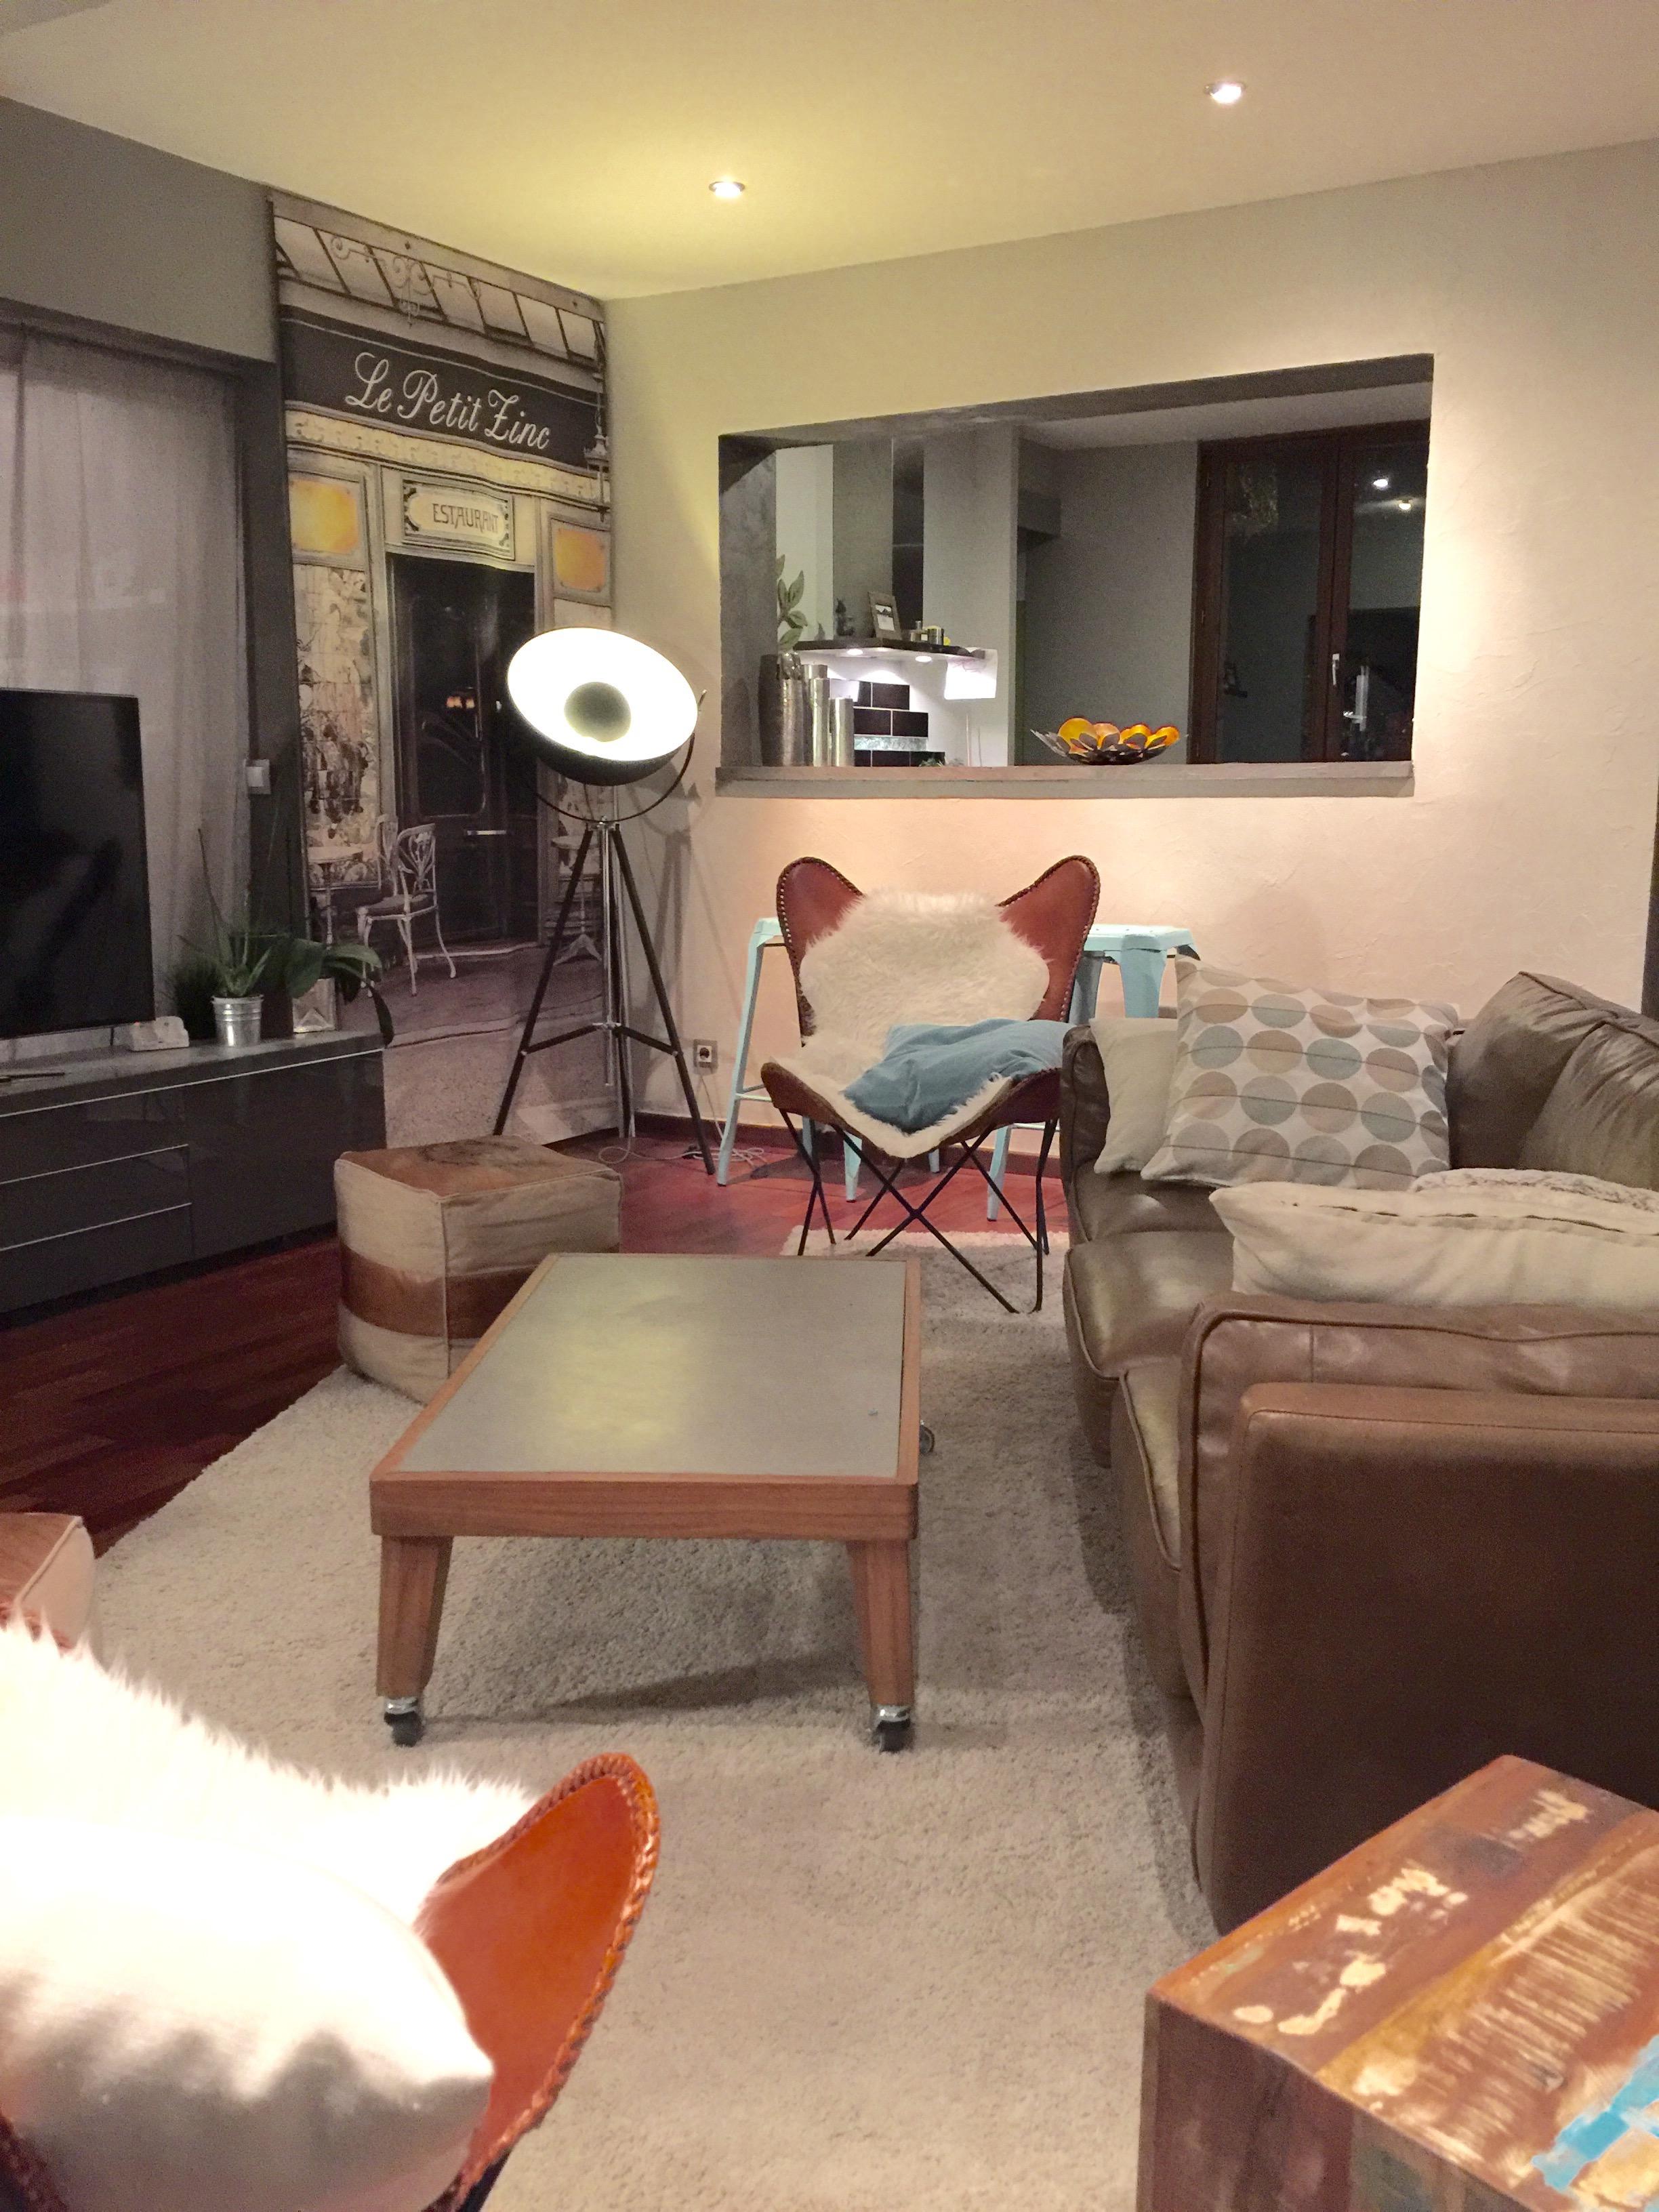 d co revue et corrig e d 39 un s jour jeux de mati res synergie d co. Black Bedroom Furniture Sets. Home Design Ideas